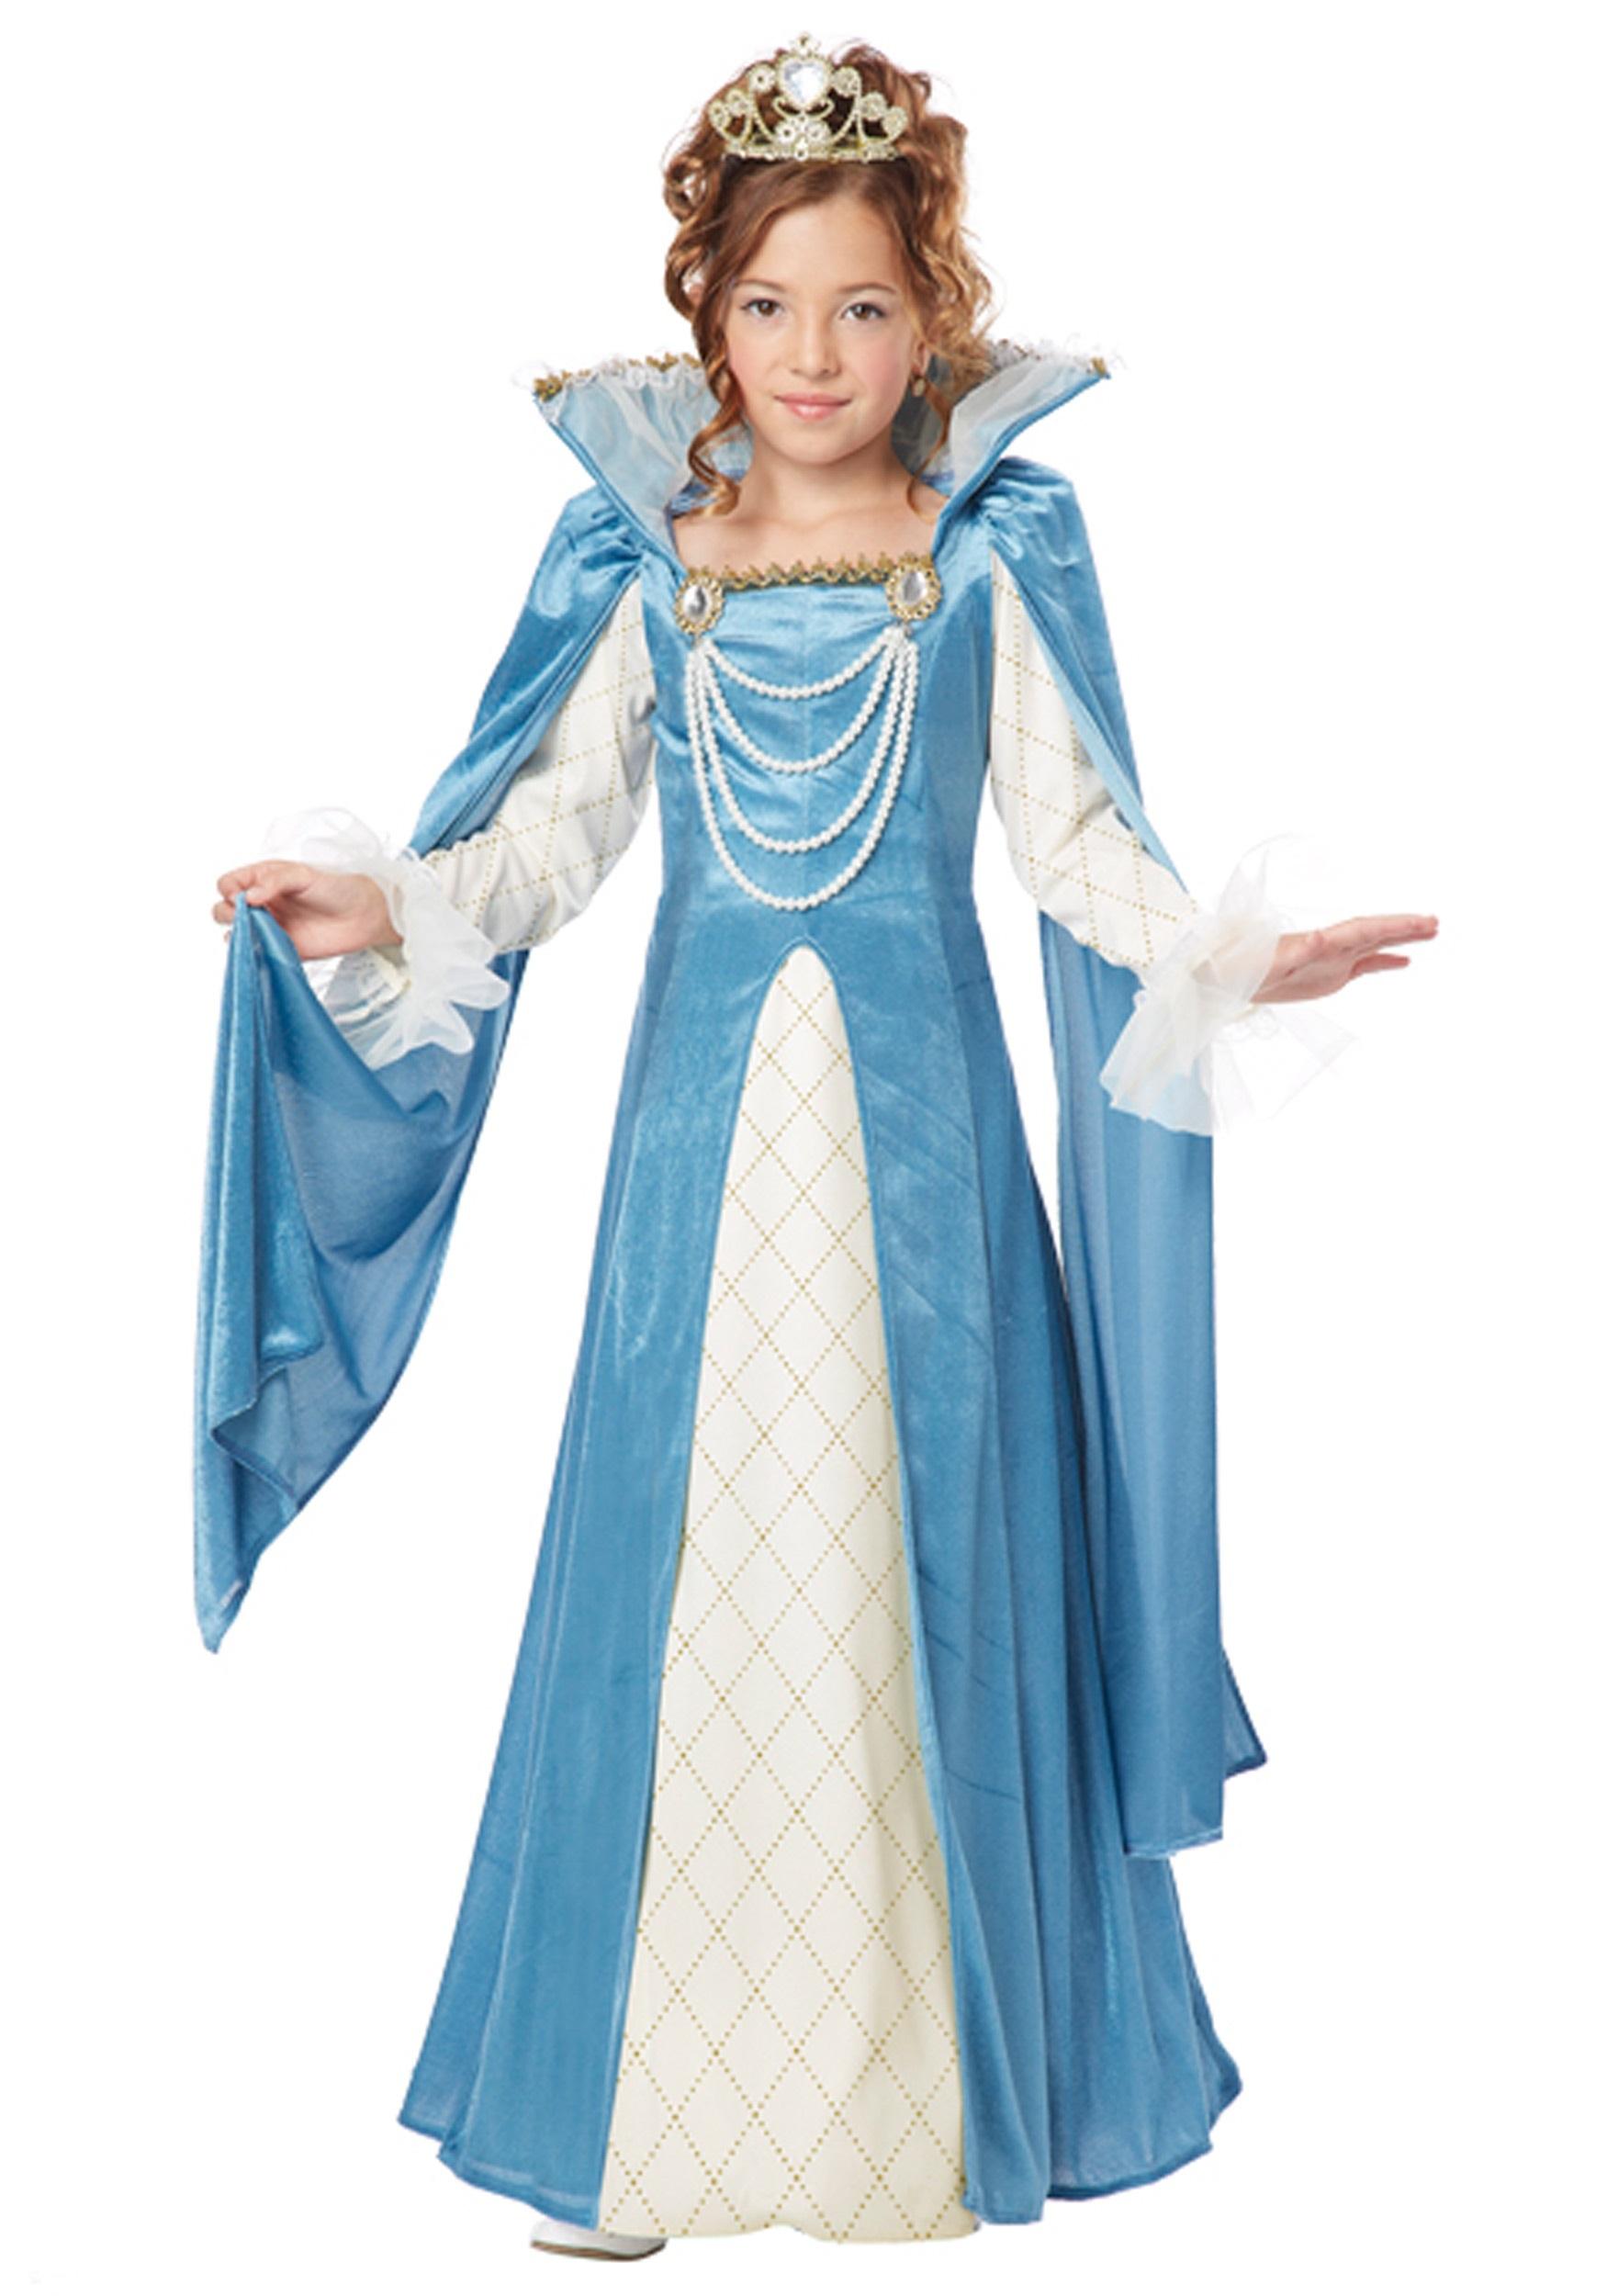 Renaissance Queen Girls Costume  sc 1 st  Fun.com & Girlu0027s Renaissance Queen Costume